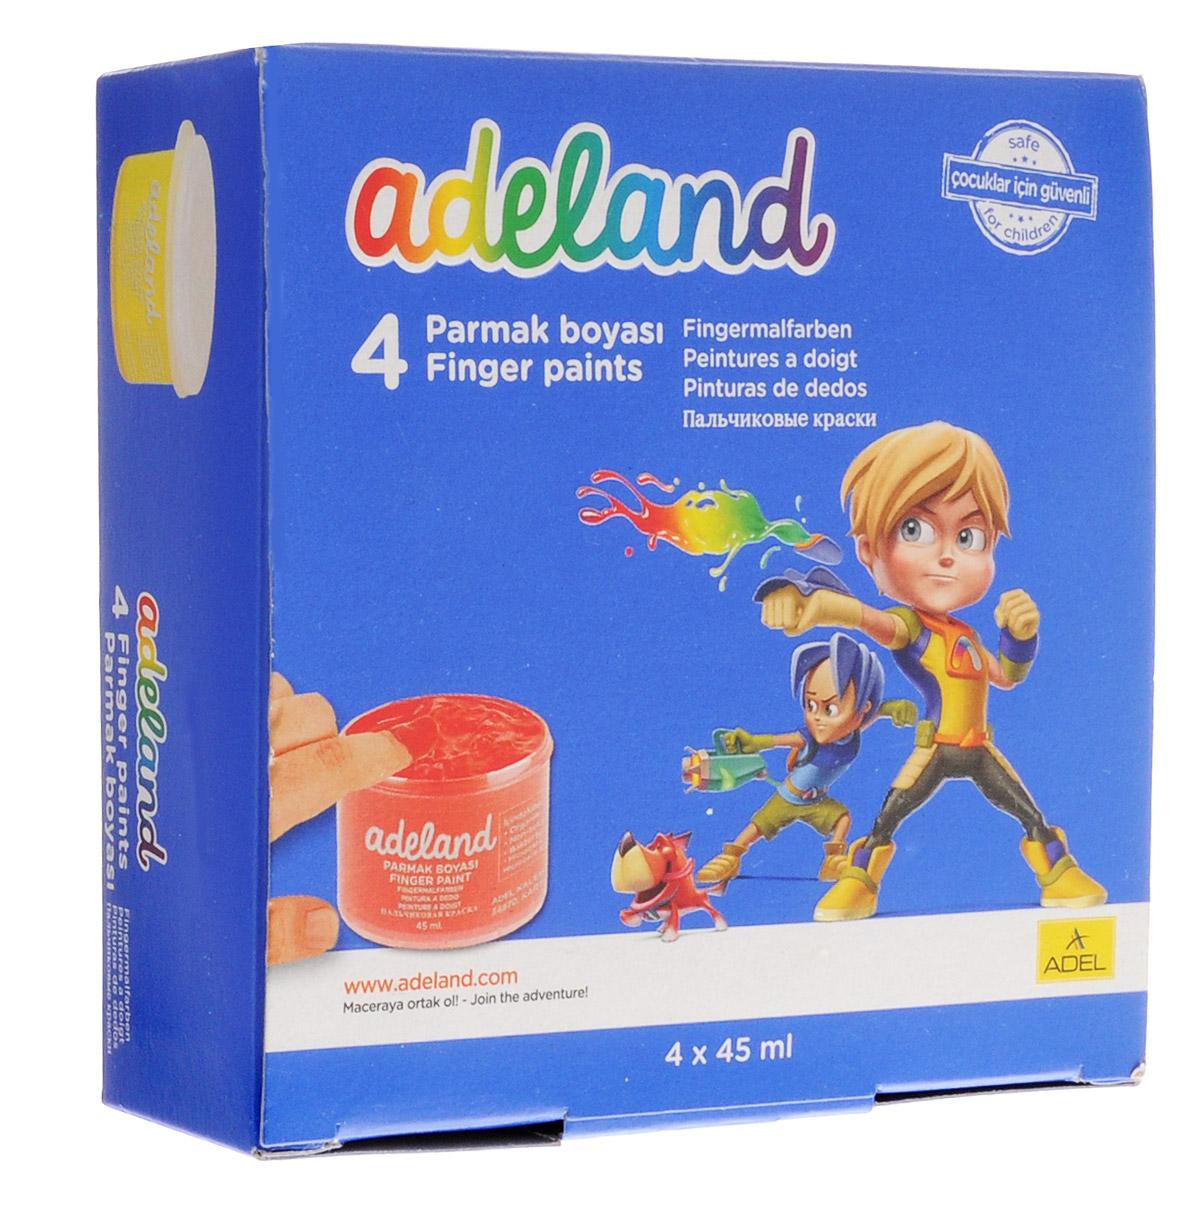 Adel Краски пальчиковые Adeland 4 цветаPP-209Водорастворимые яркие краски Adel Adeland предназначены для рисования пальцами, кисточкой или губкой на бумаге и картоне.Путем смешивания красок может получится неограниченное количество тонов. Краски упакованы в картонную коробку и находятся в пластиковых баночках.В комплект входит 4 насыщенных цвета: желтый, красный, синий, зеленый.